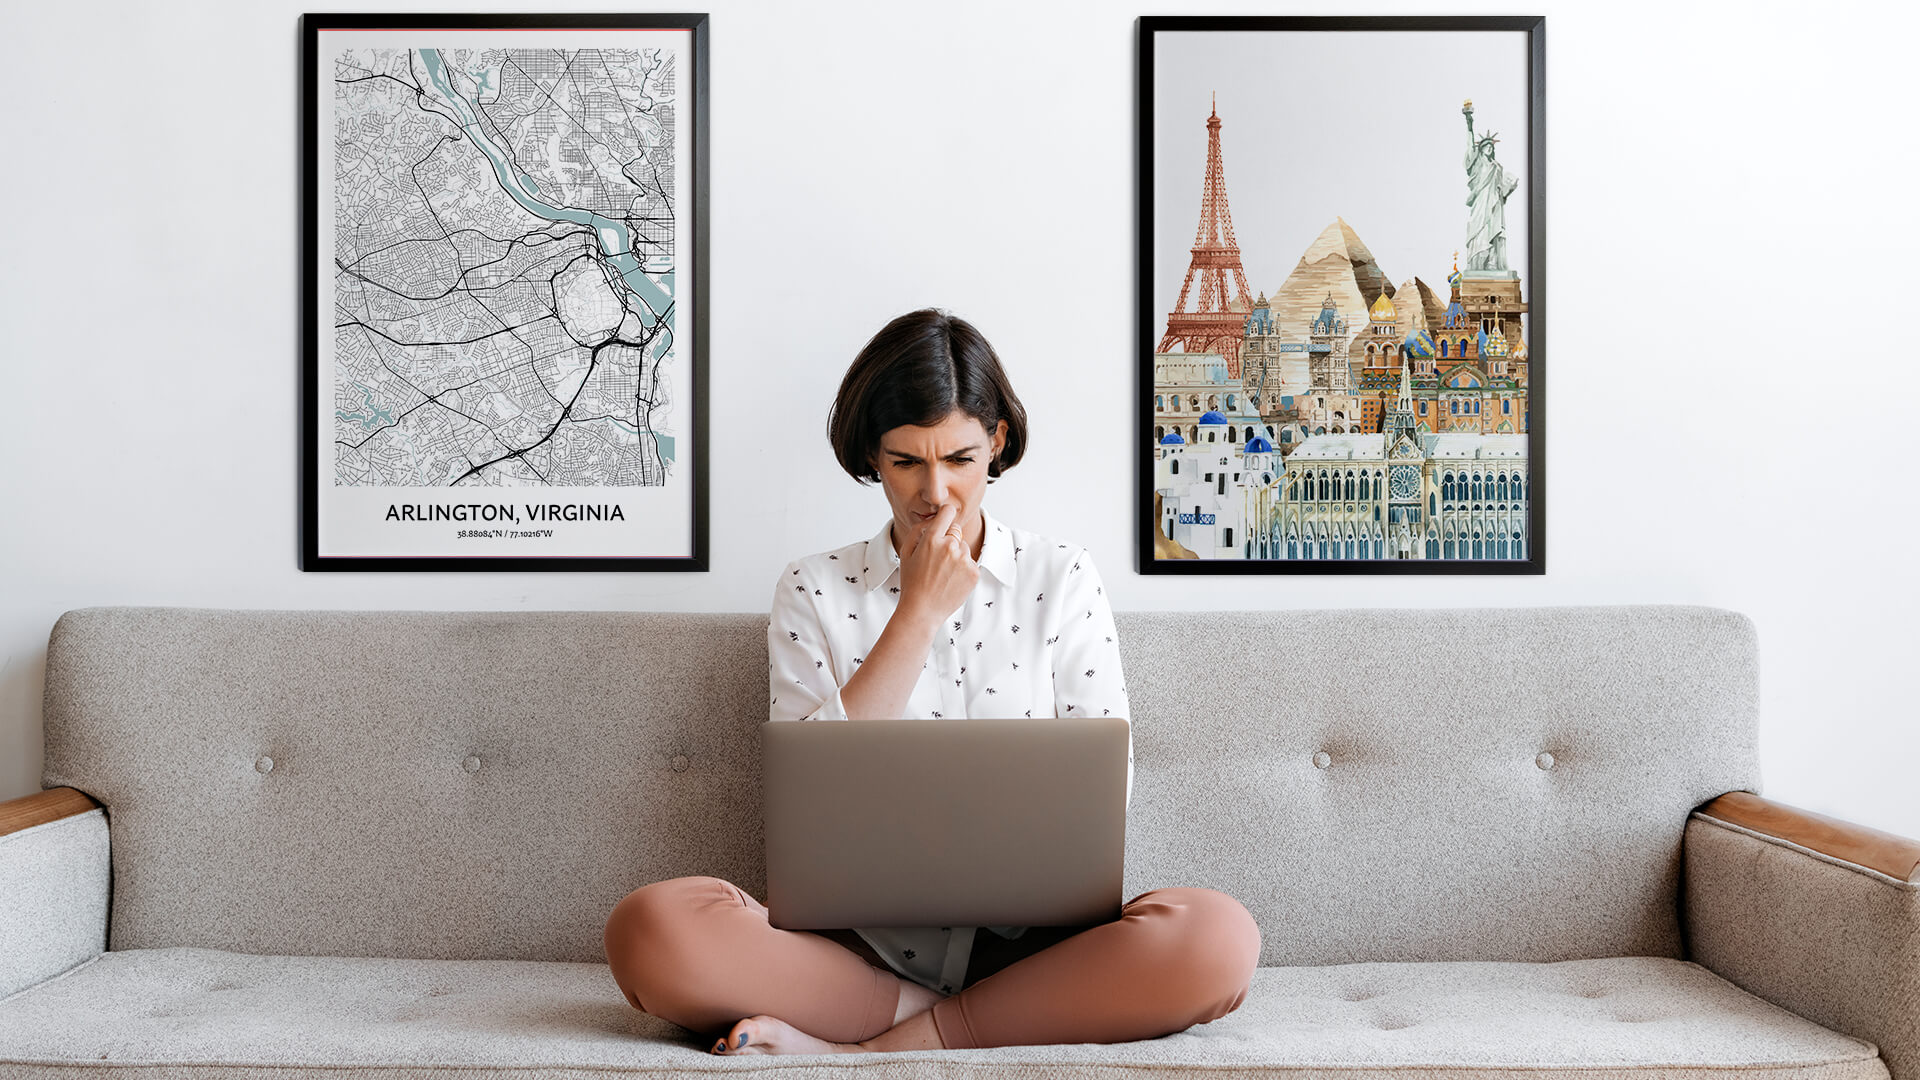 Arlington Virginia city map art